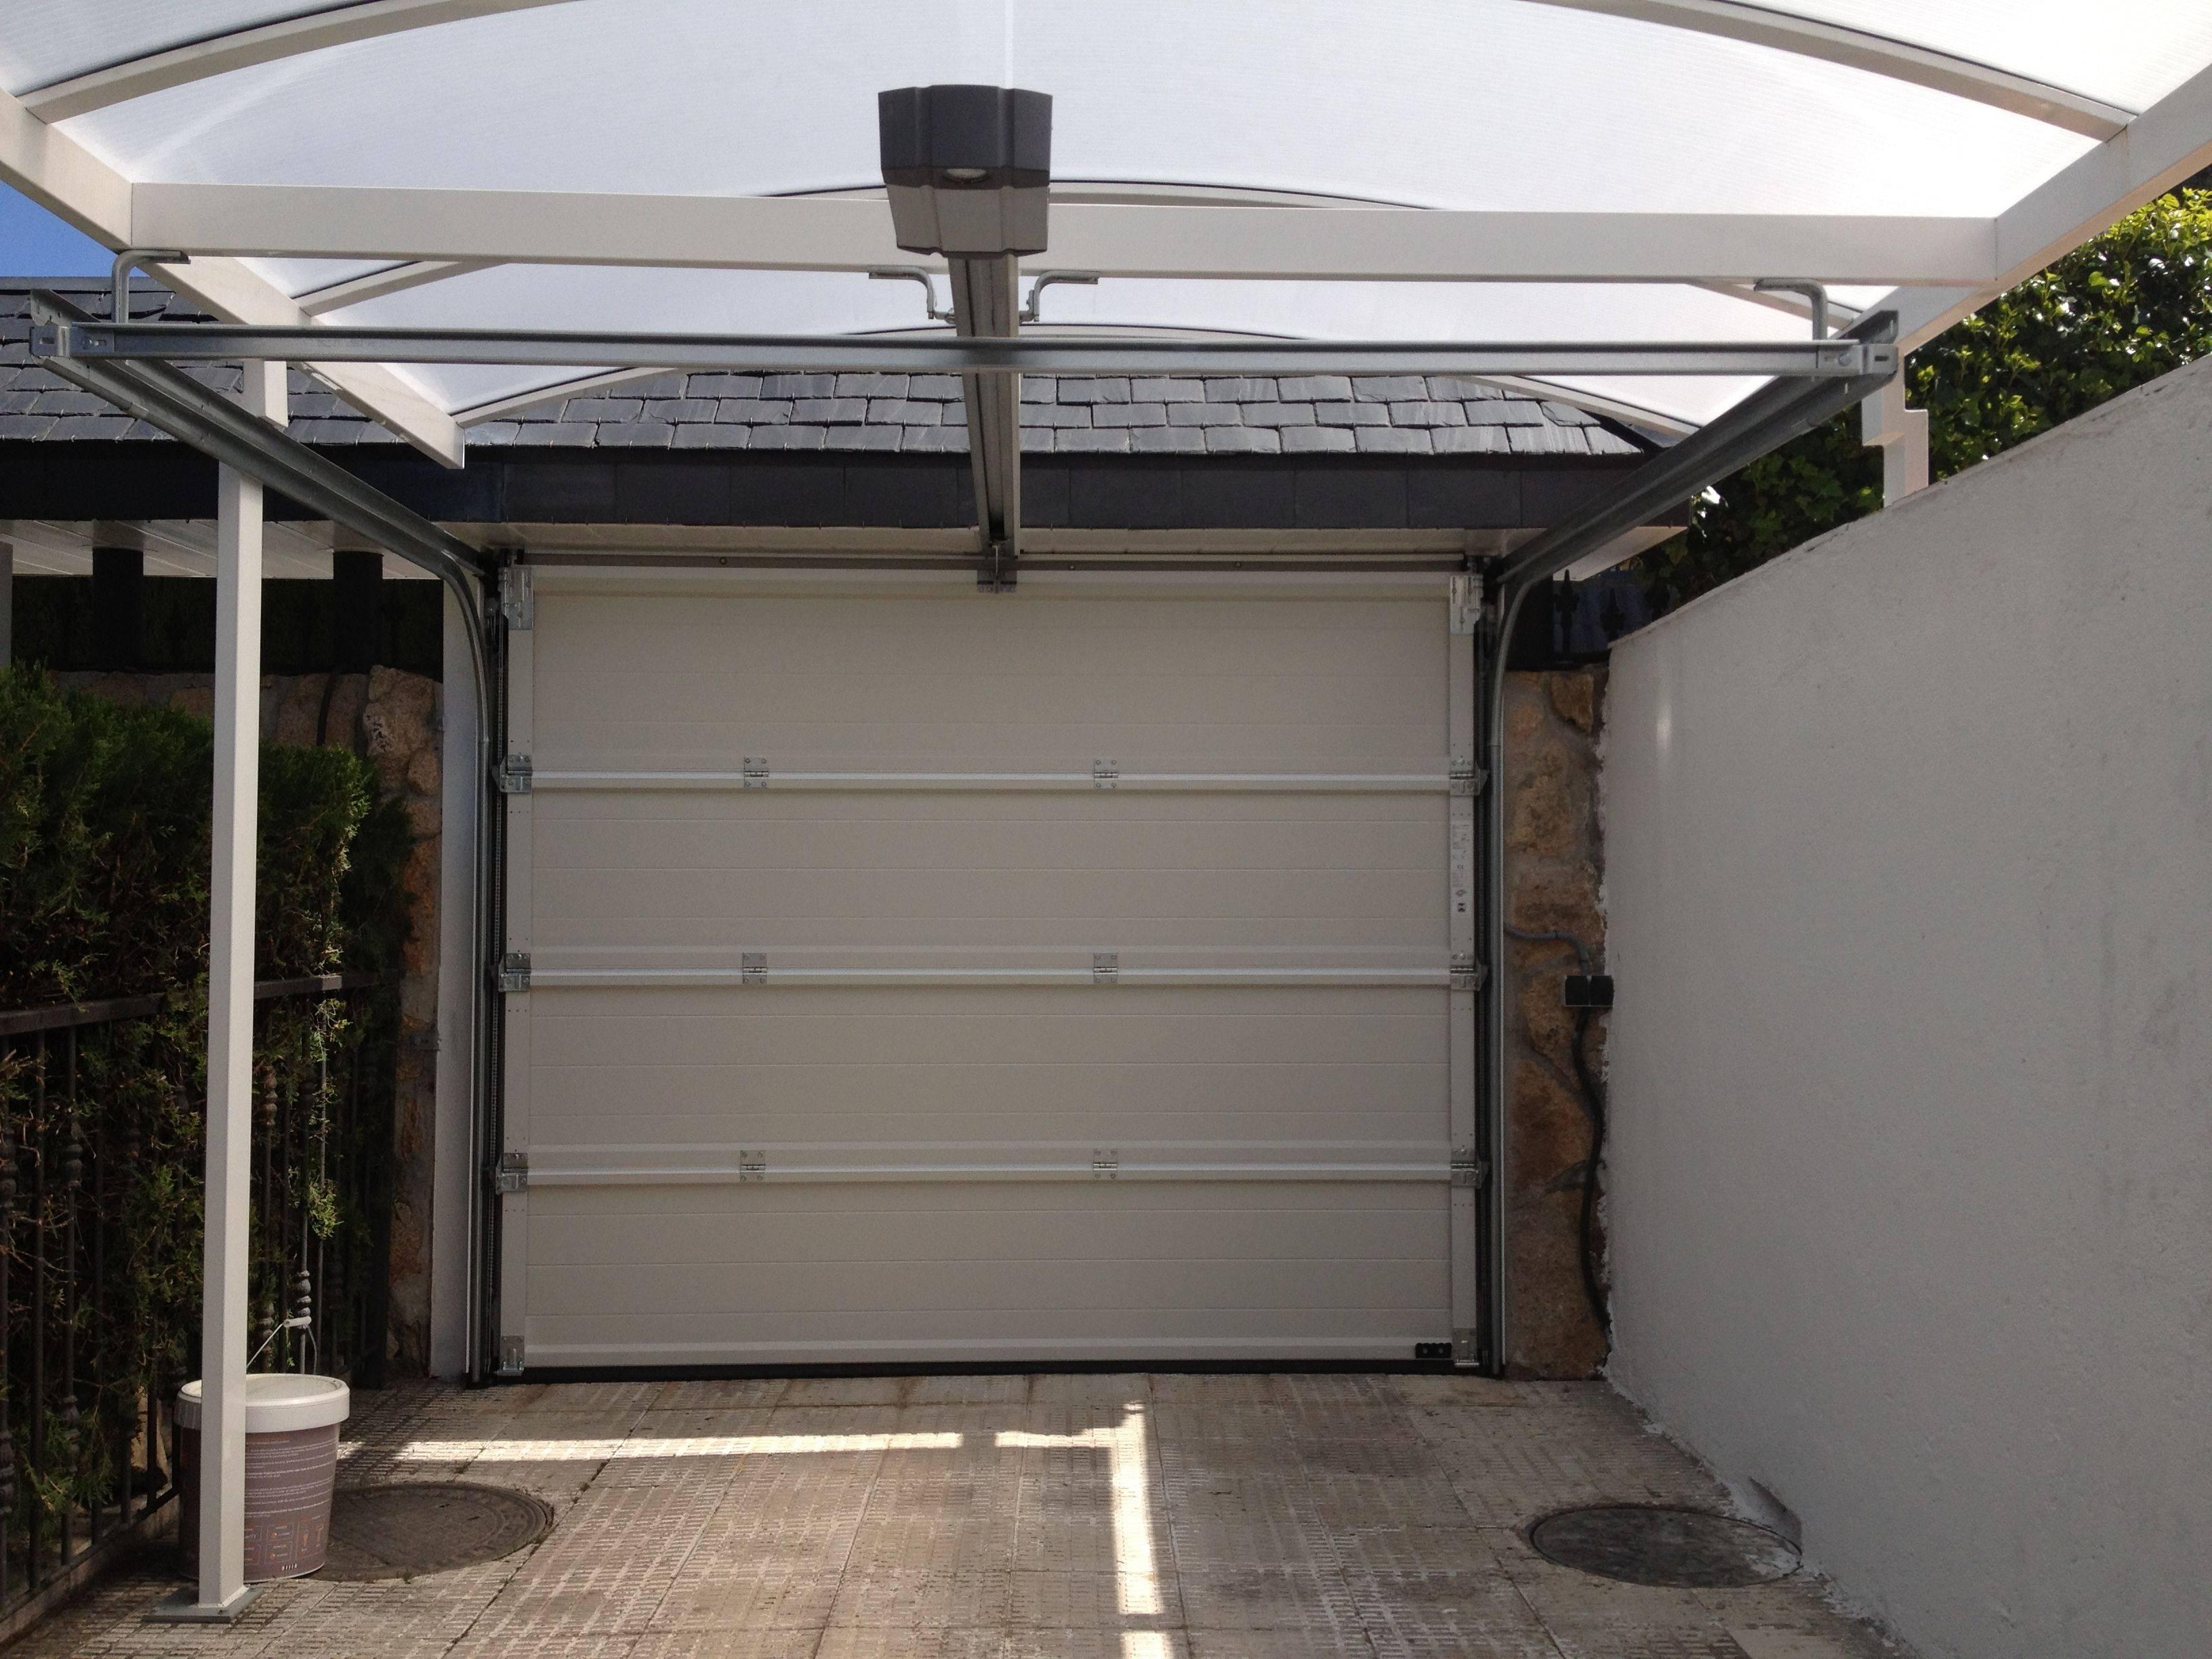 Precio puertas de garaje valencia santiago salvador for Puertas de garaje precios